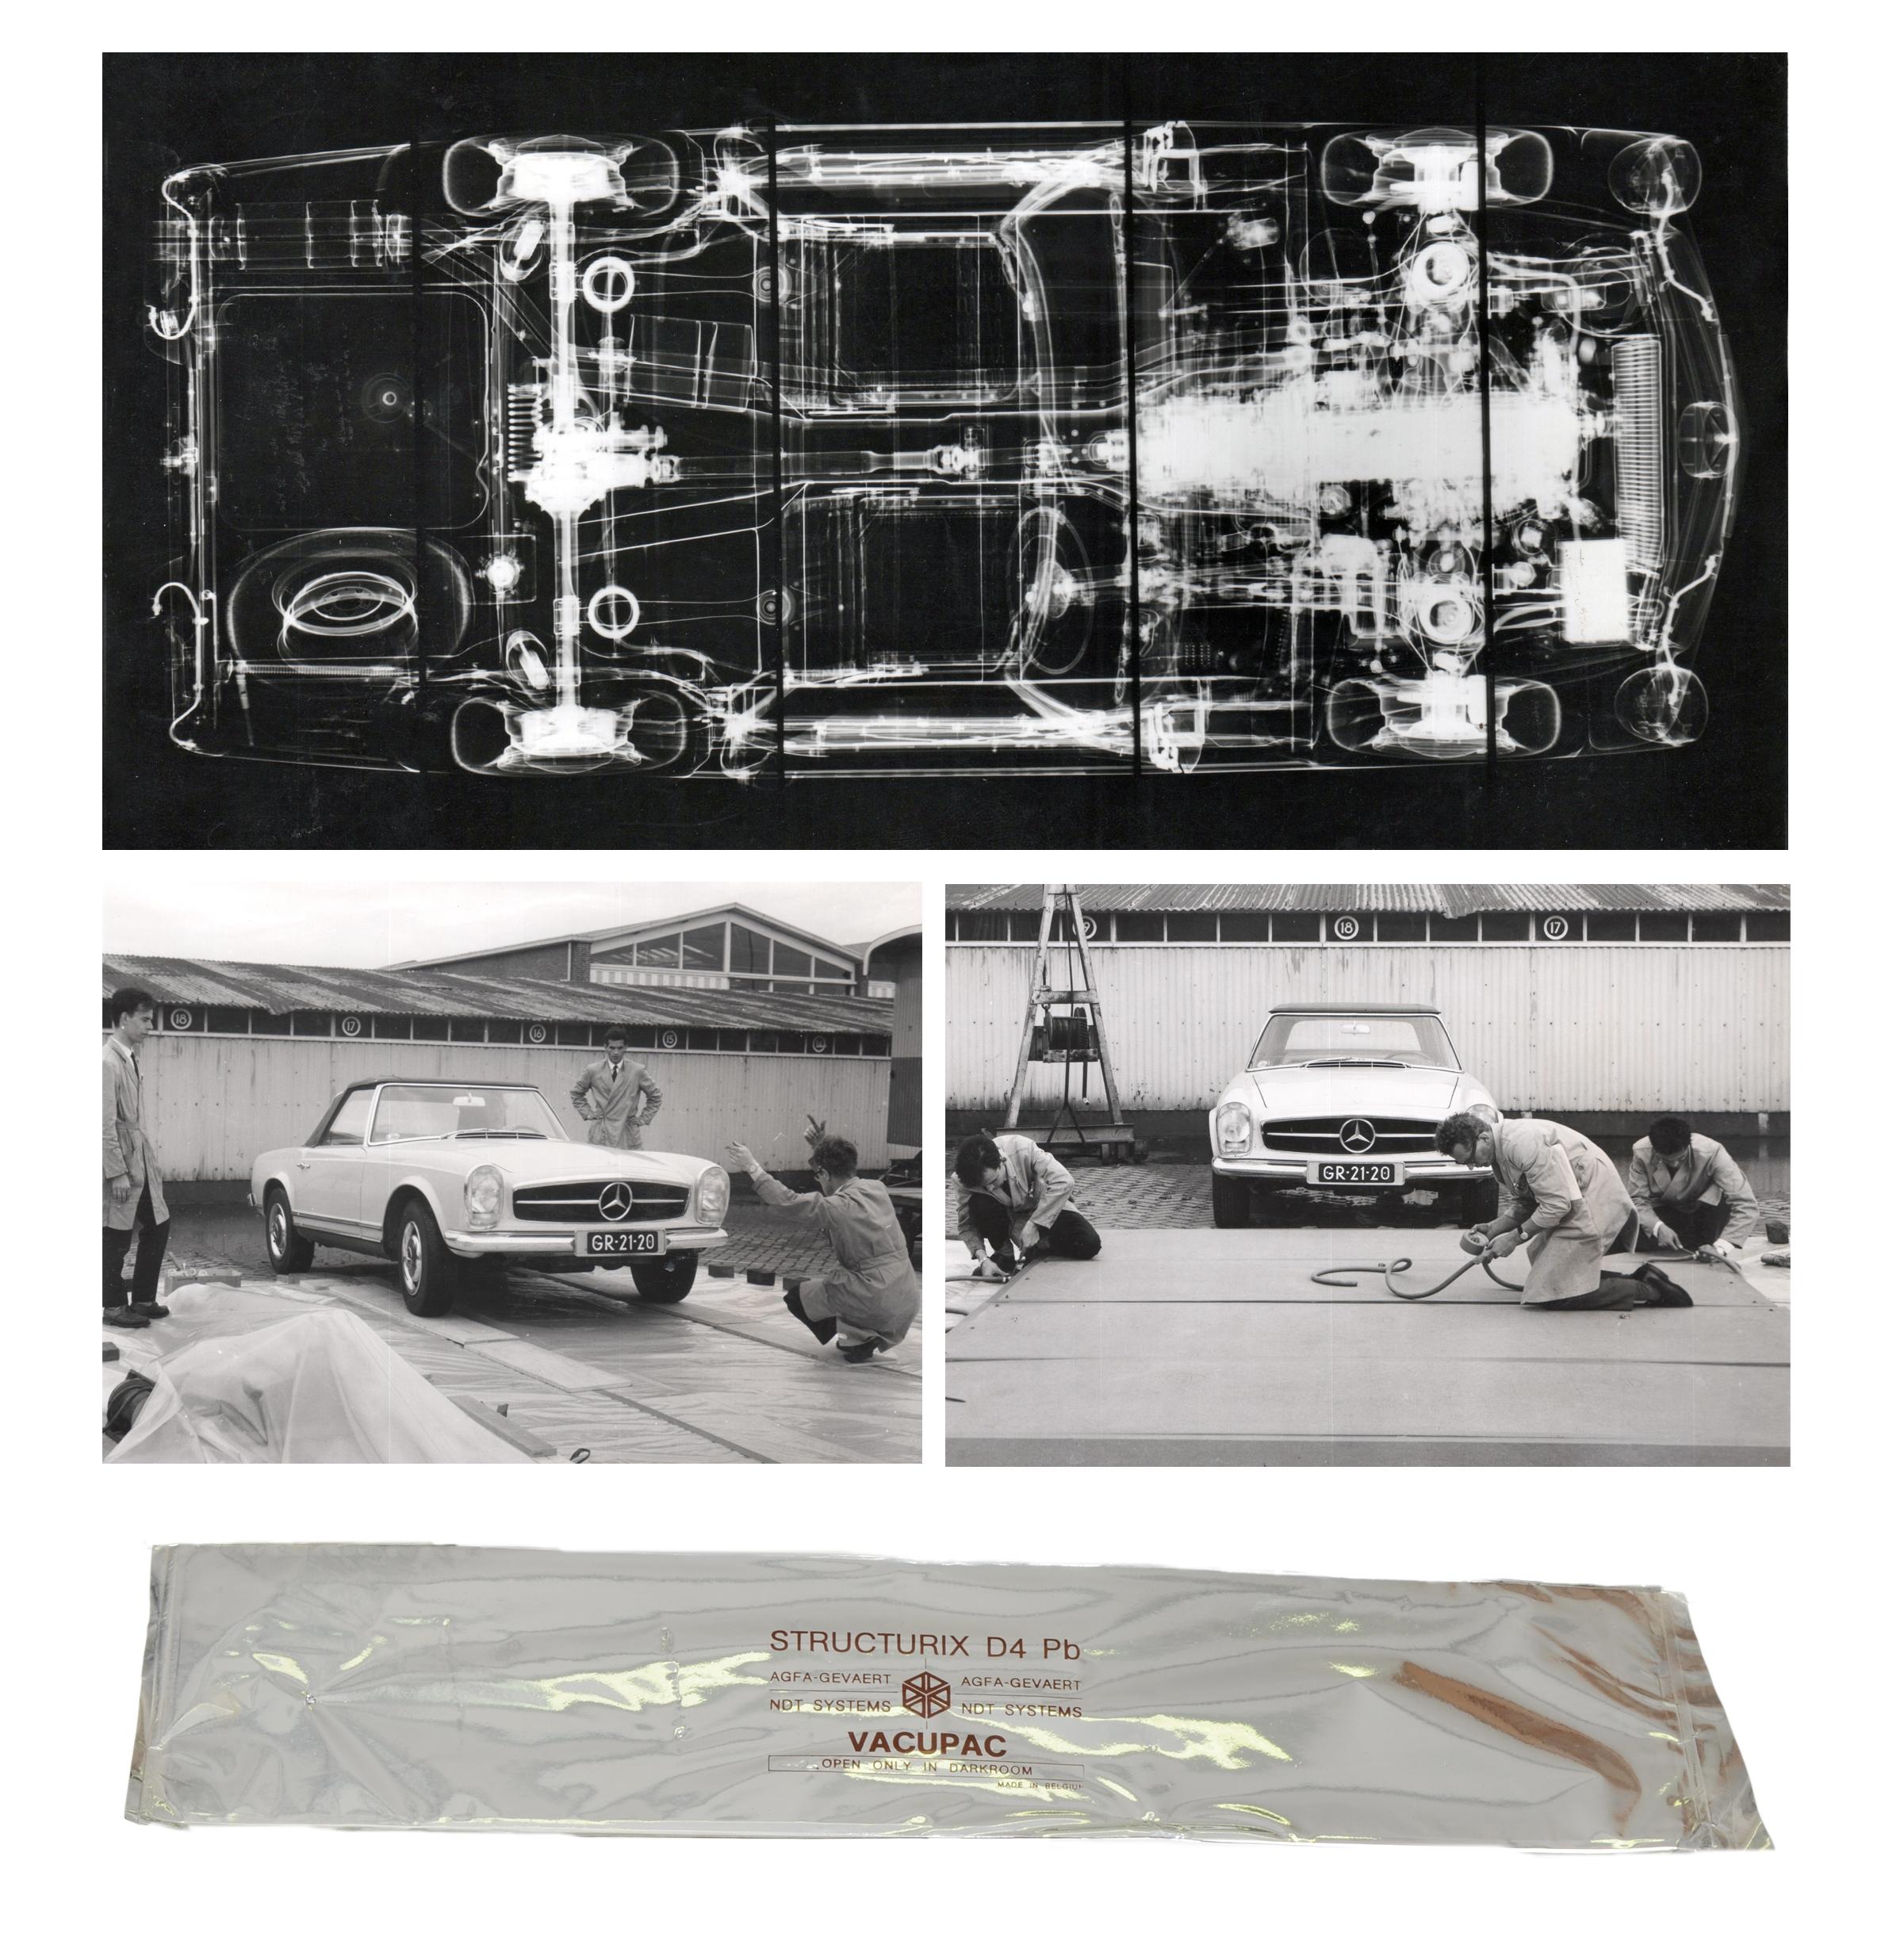 Collage über die Aufnahme und das Ergebnis einer Röntgenaufnahme eines Mercedes 230 SL.